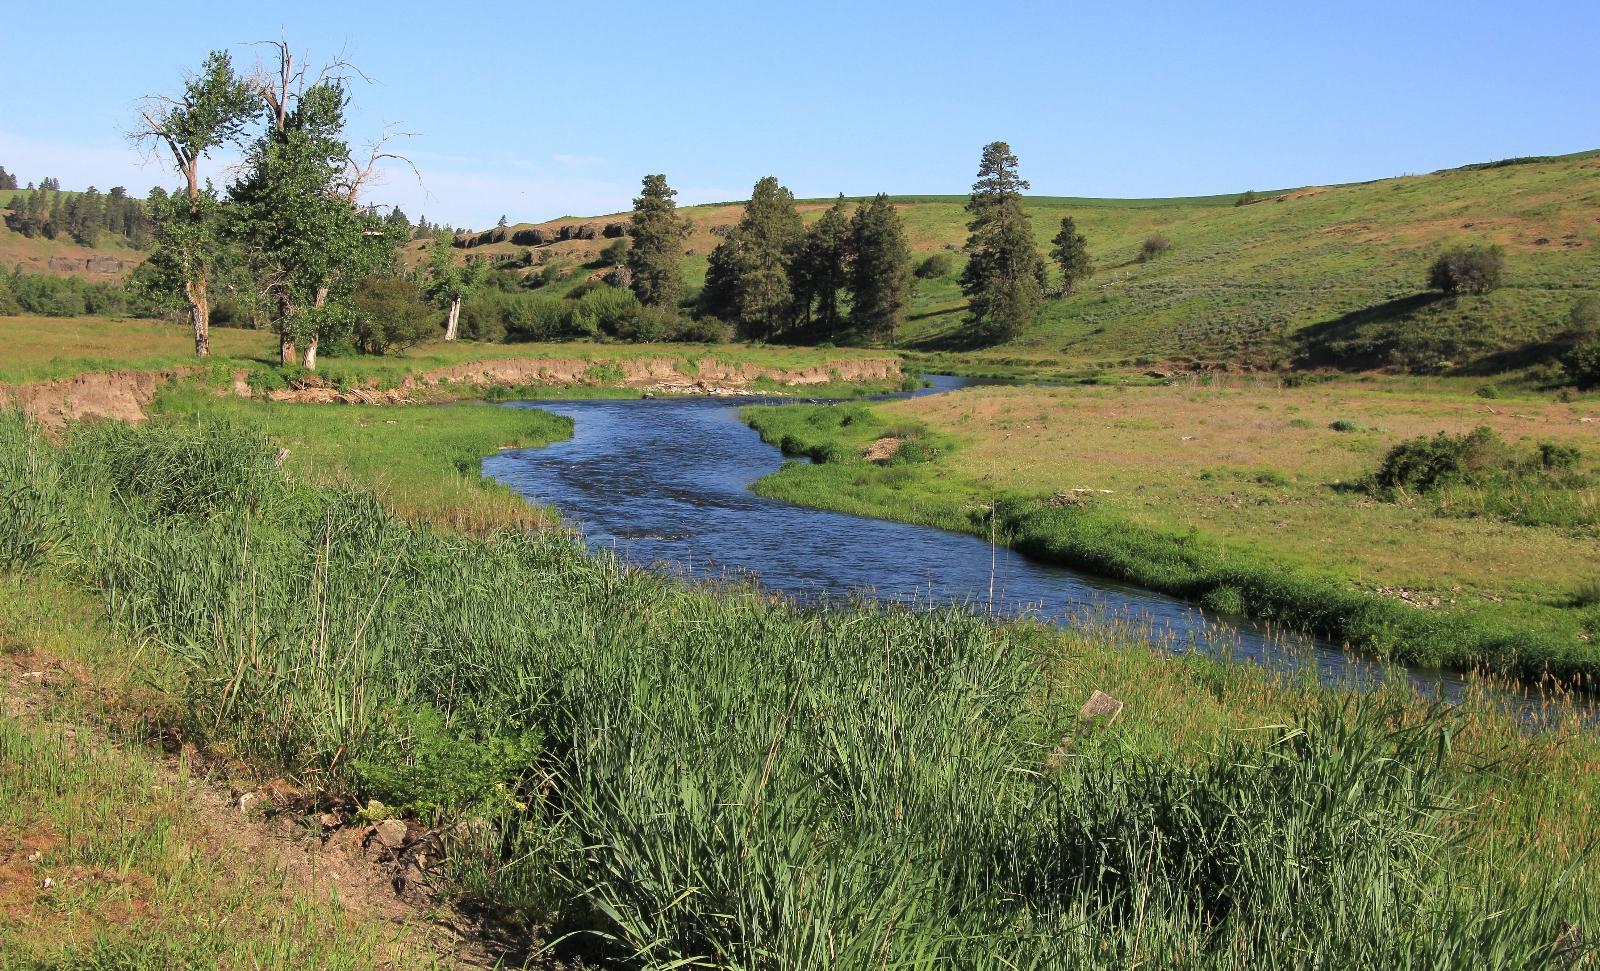 05-08-16 Colfax River Trail (8)